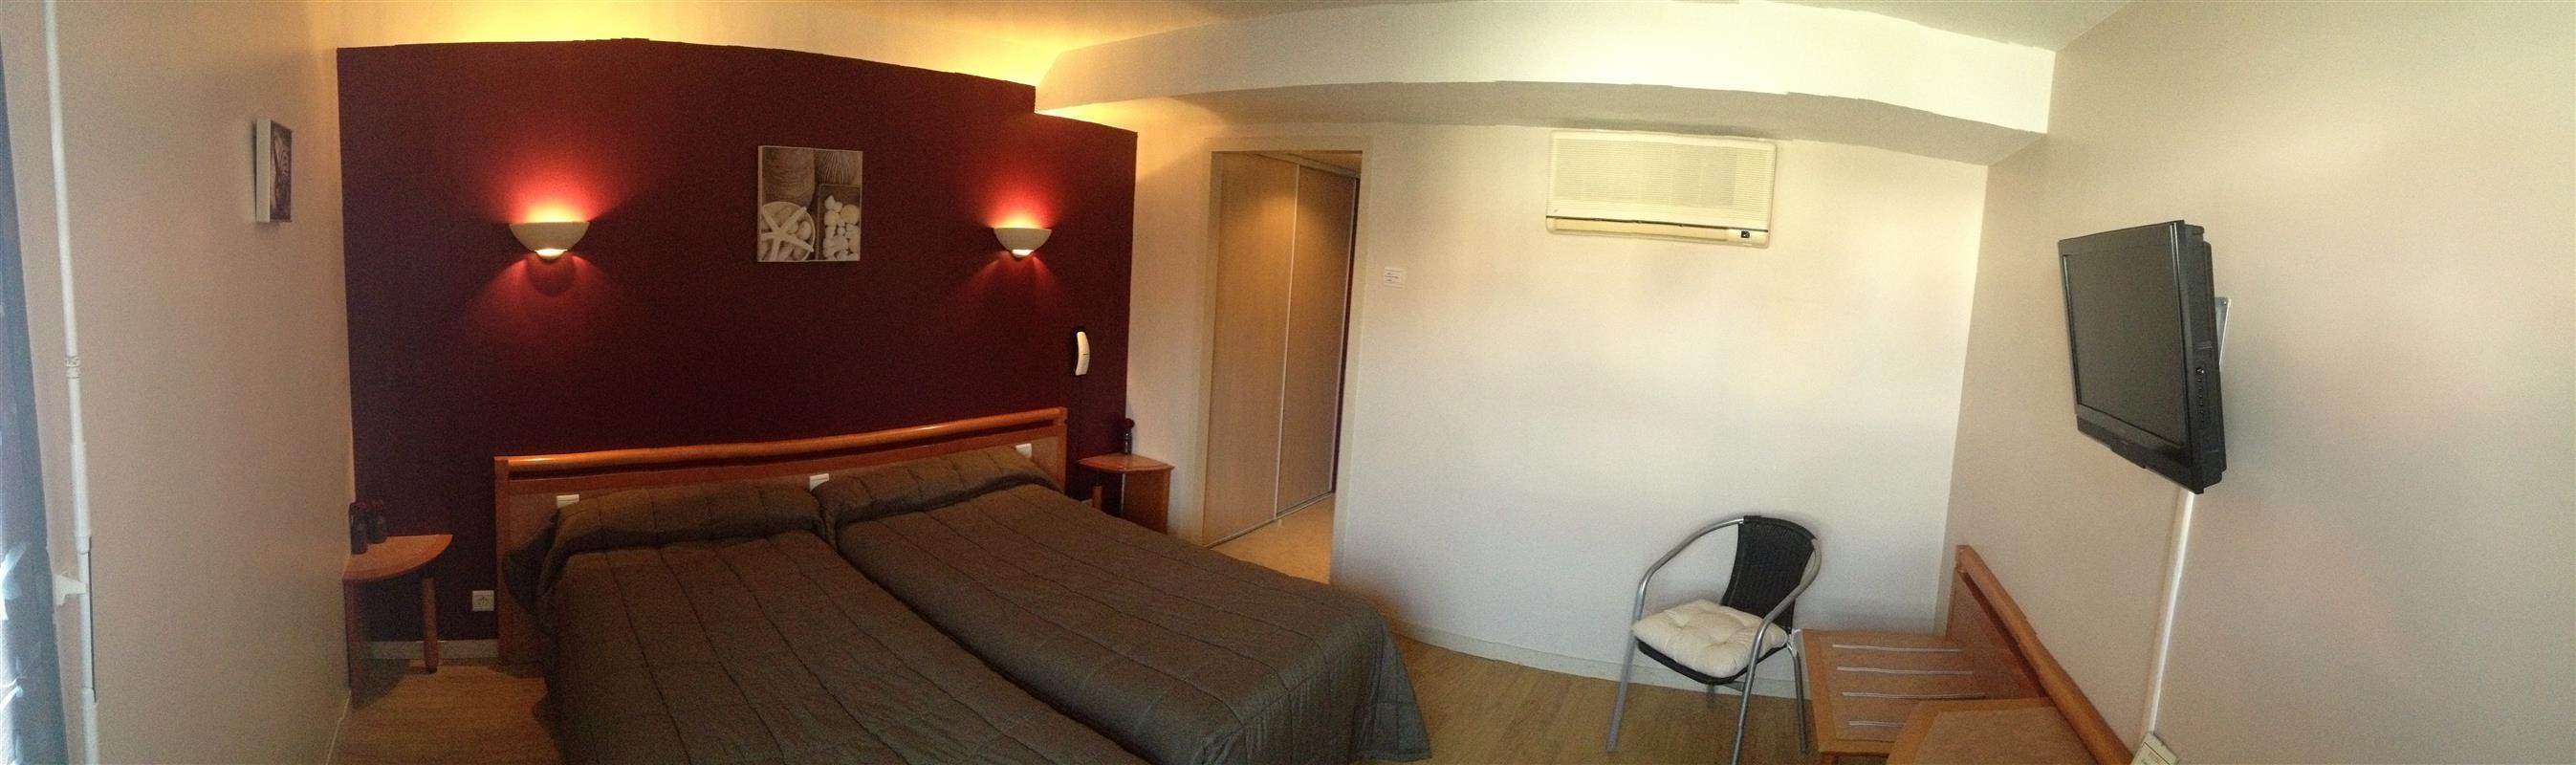 Chambre twin grand confort hotel 2 toiles saint for Chambre twin